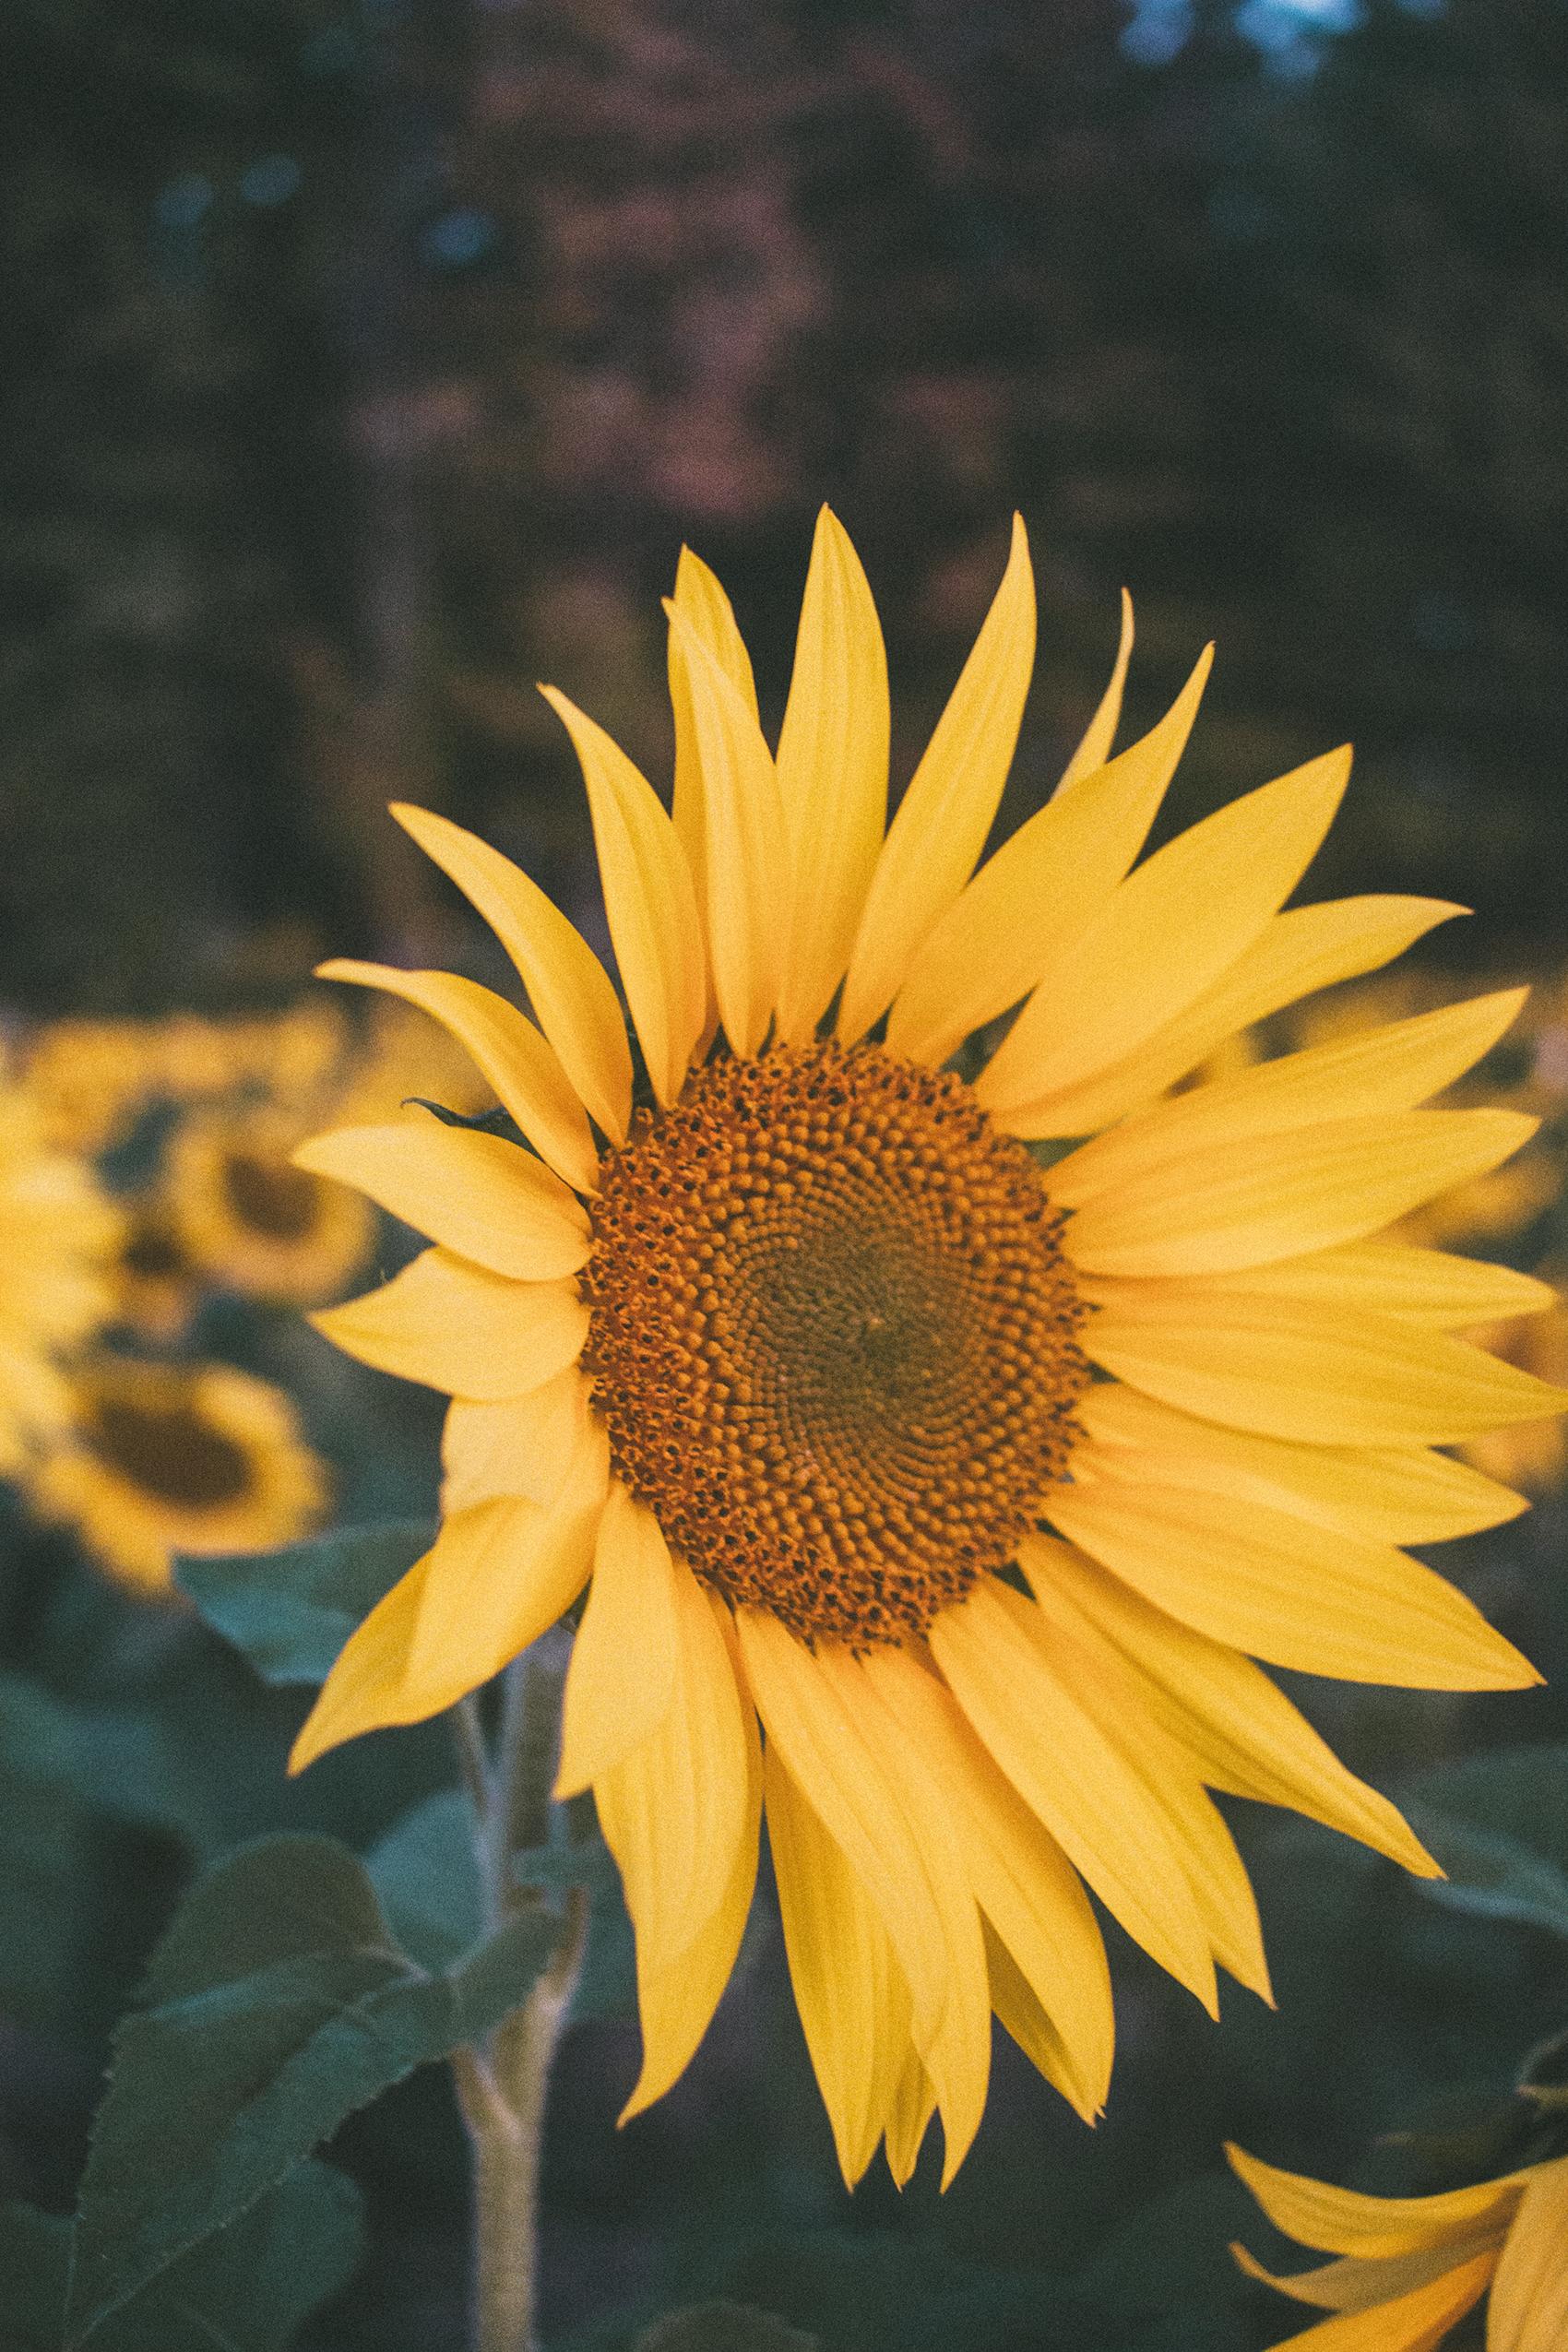 AvonOHSunflowers_09232017_013.jpg